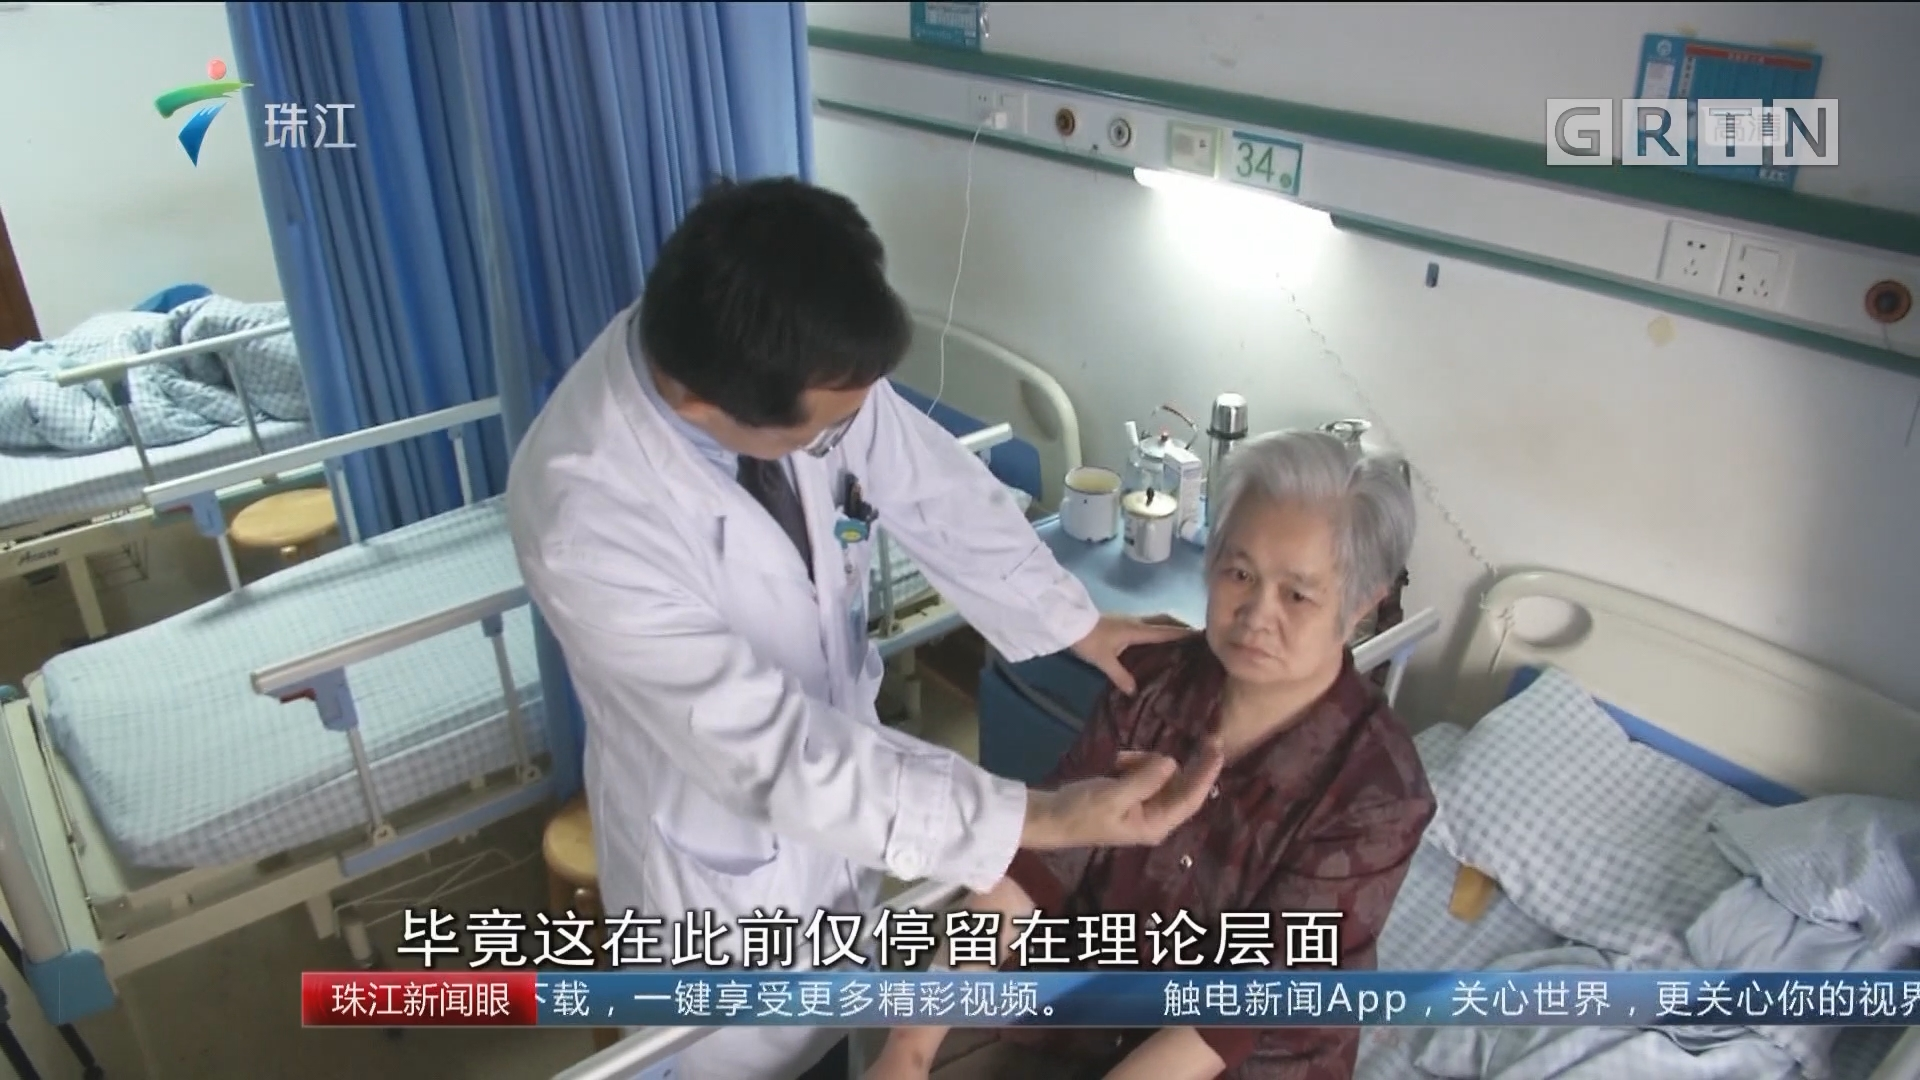 国内首例 粪菌移植成功治疗老年性震颤